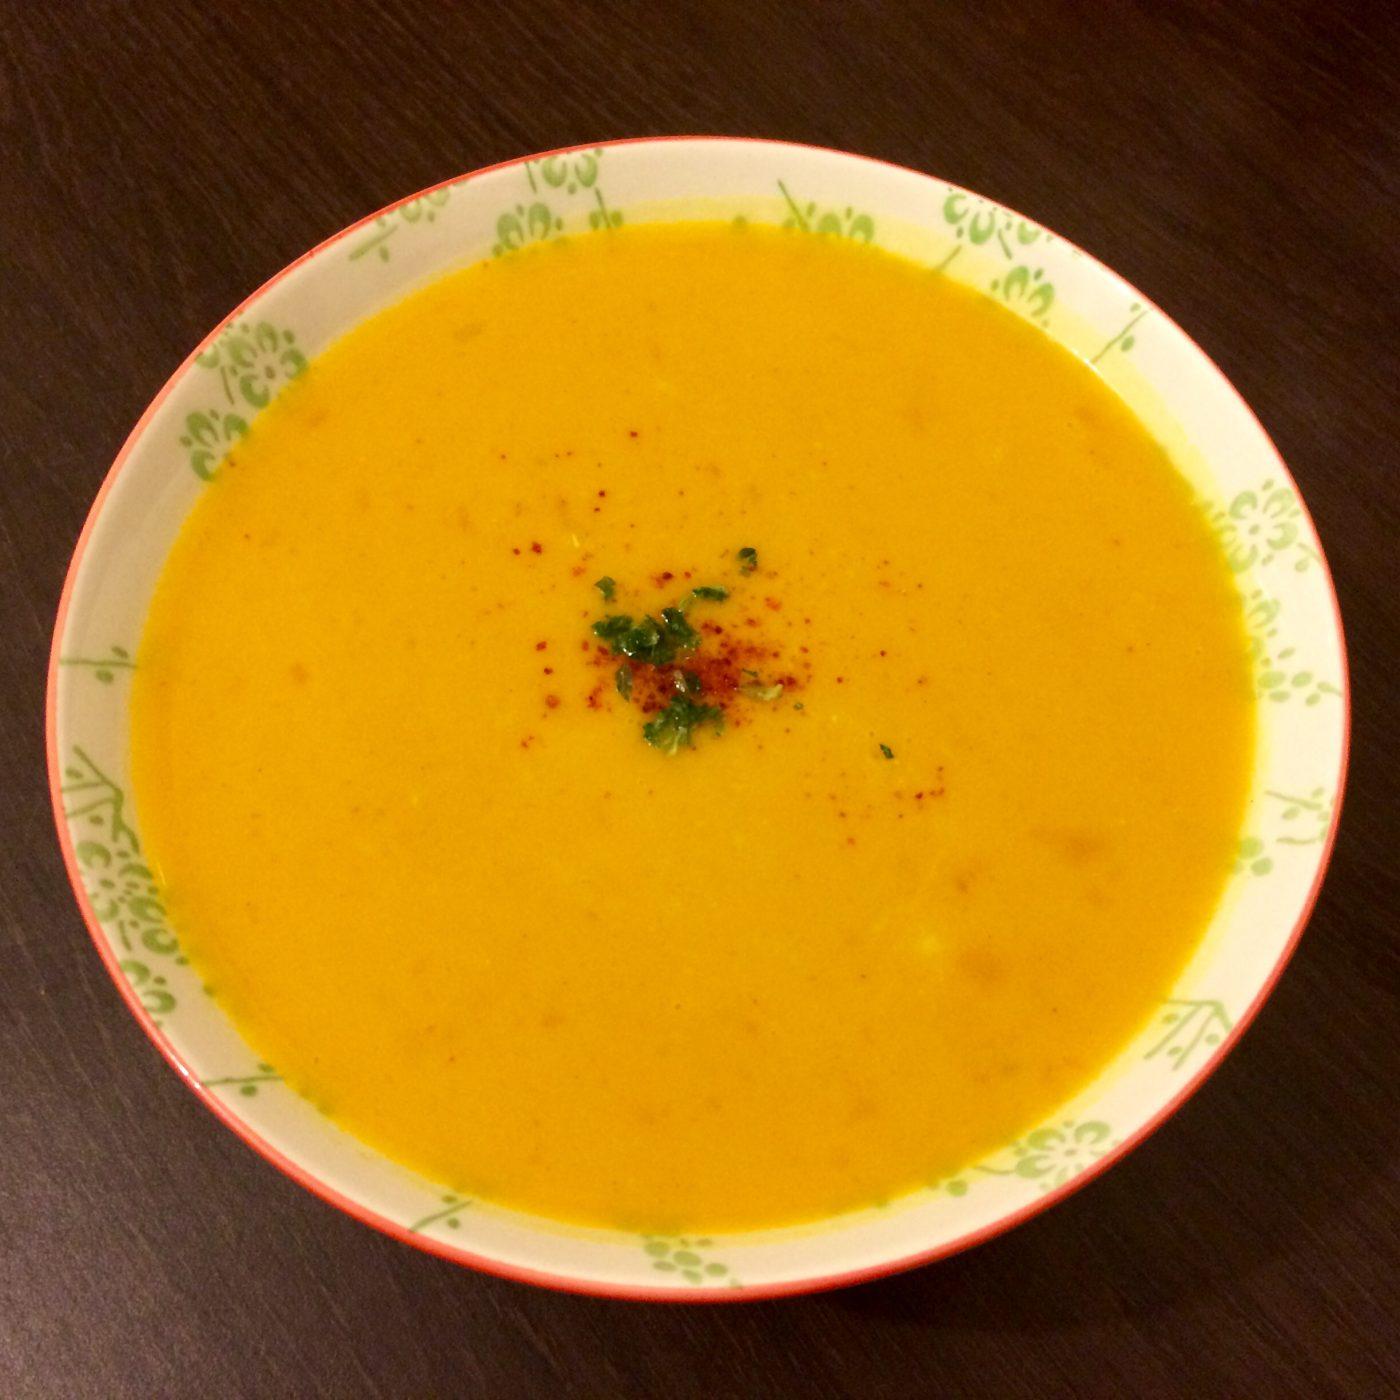 Soupe potiron lait de coco curry blog z dio - Soupe potiron lait de coco curry ...